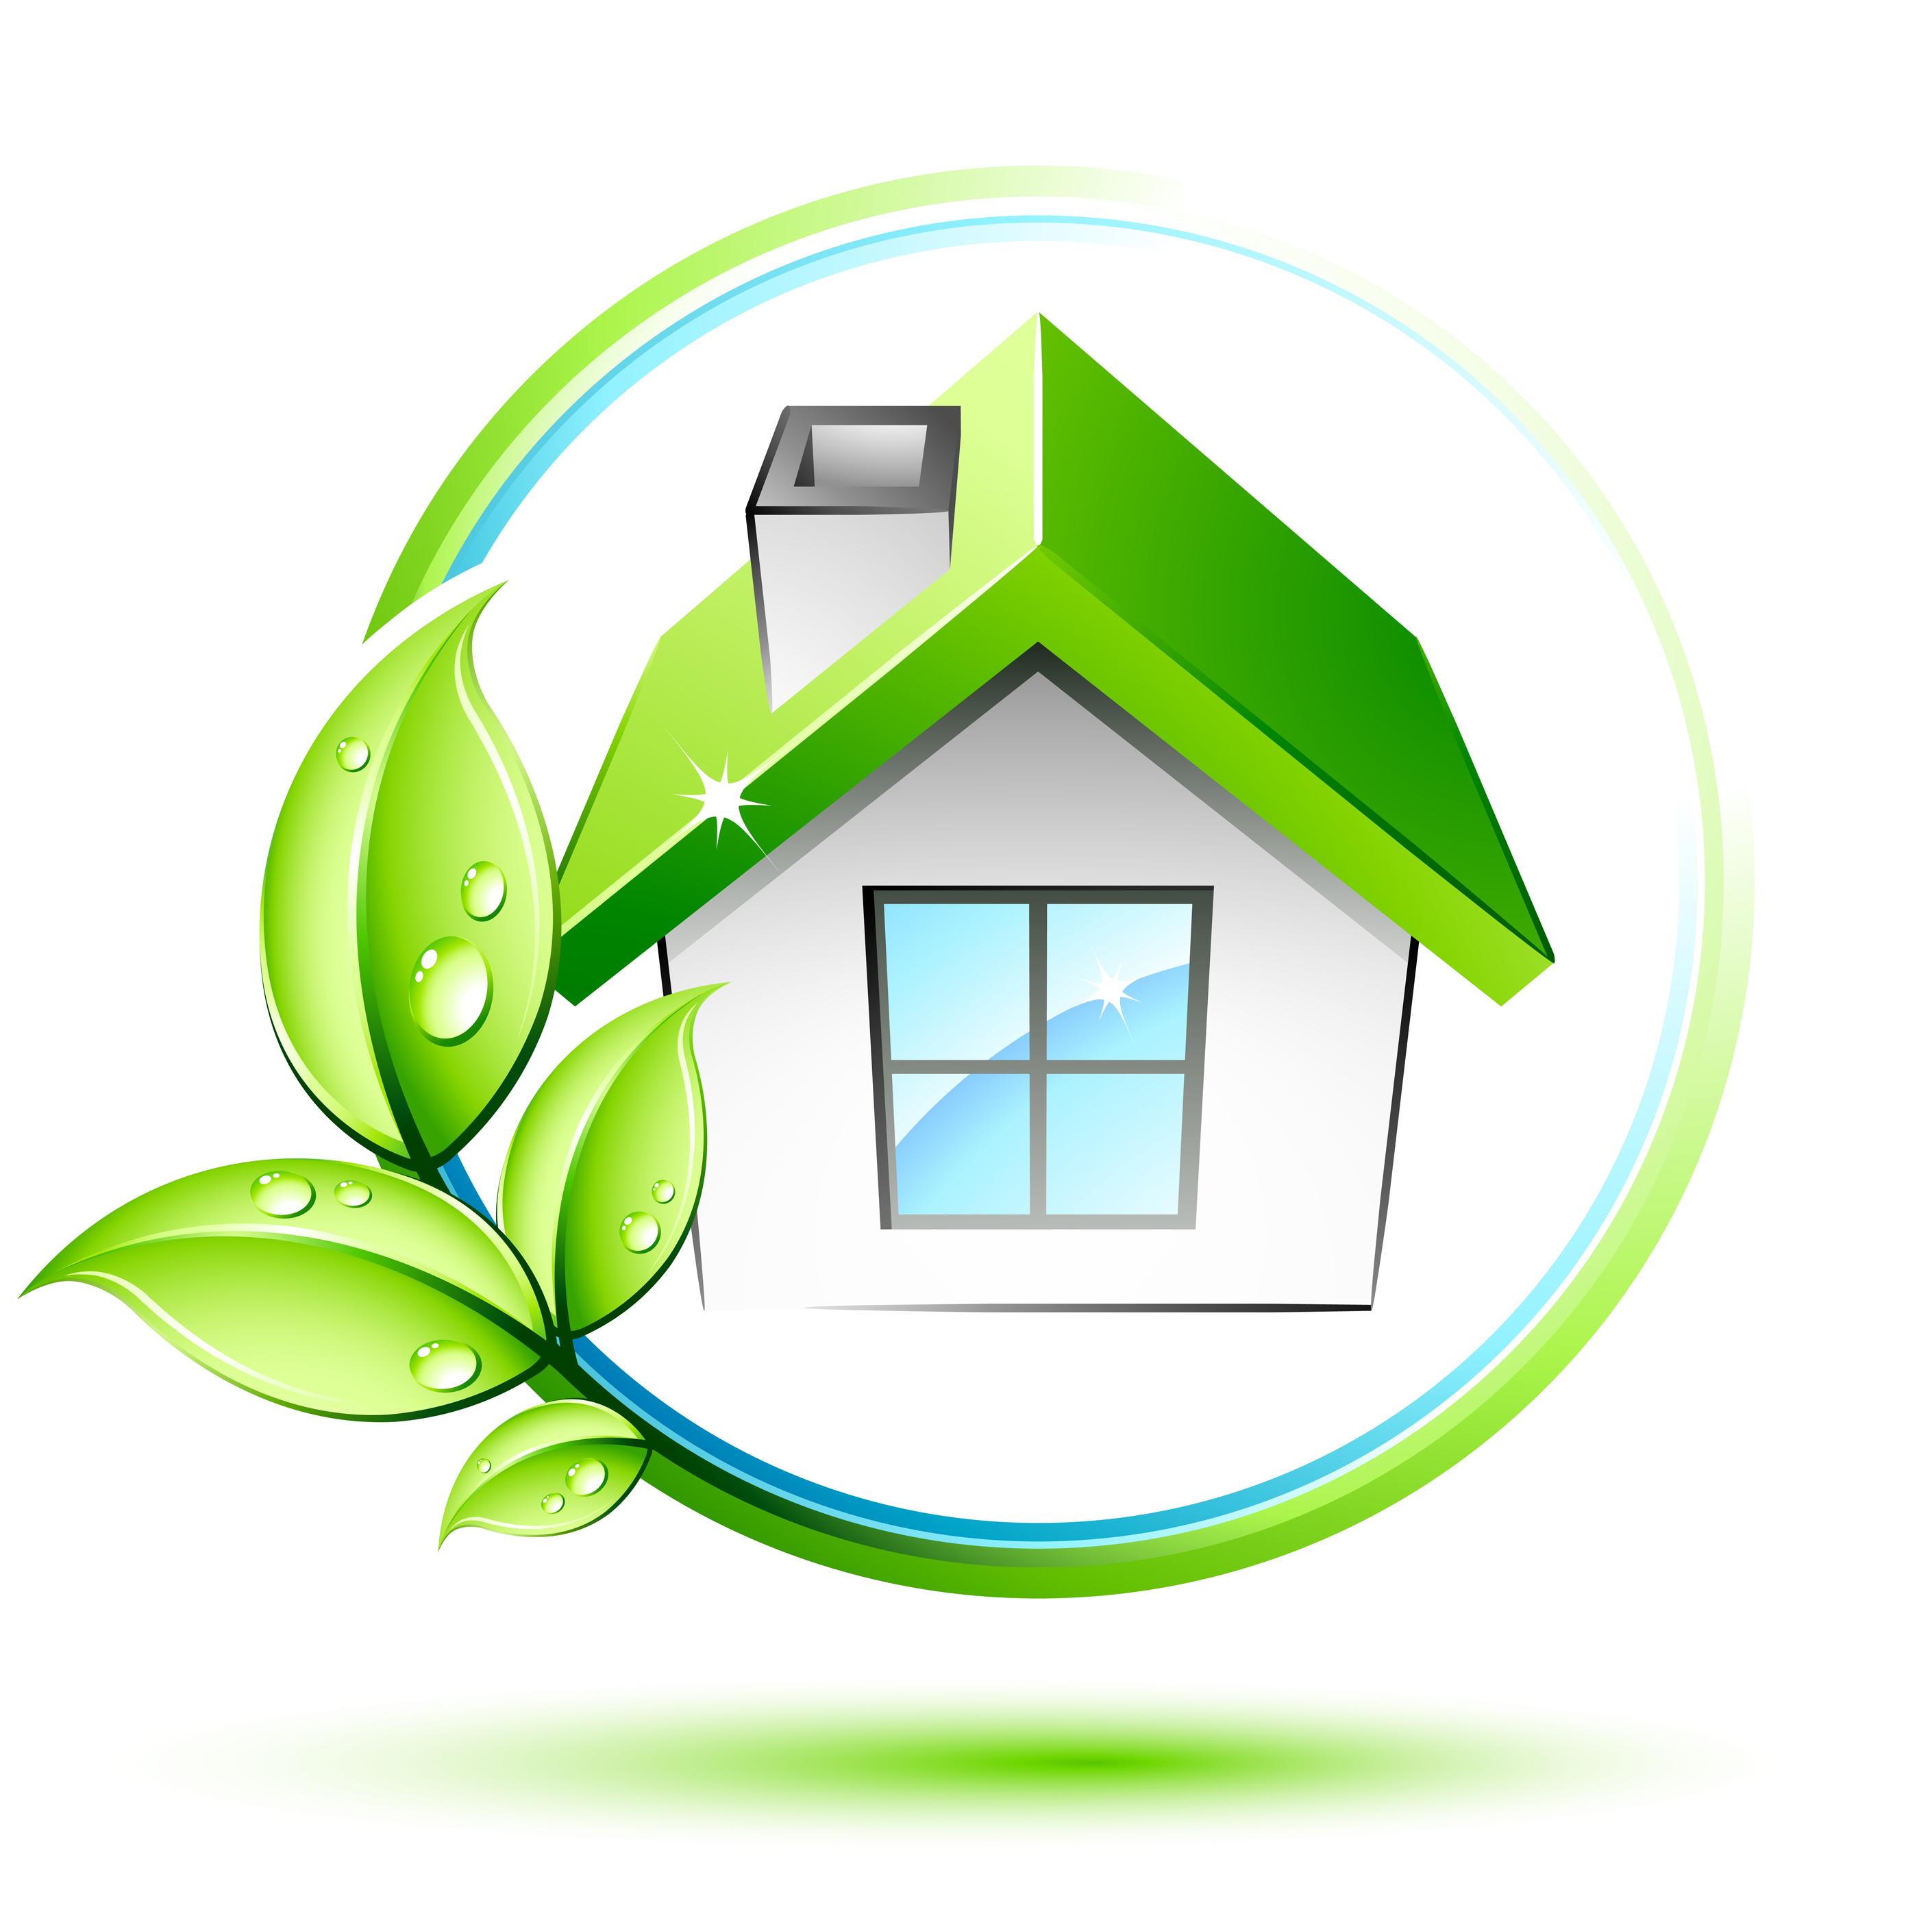 2820x2800 House Cleaning Services Logo Wwwimgkidcom The Image, House